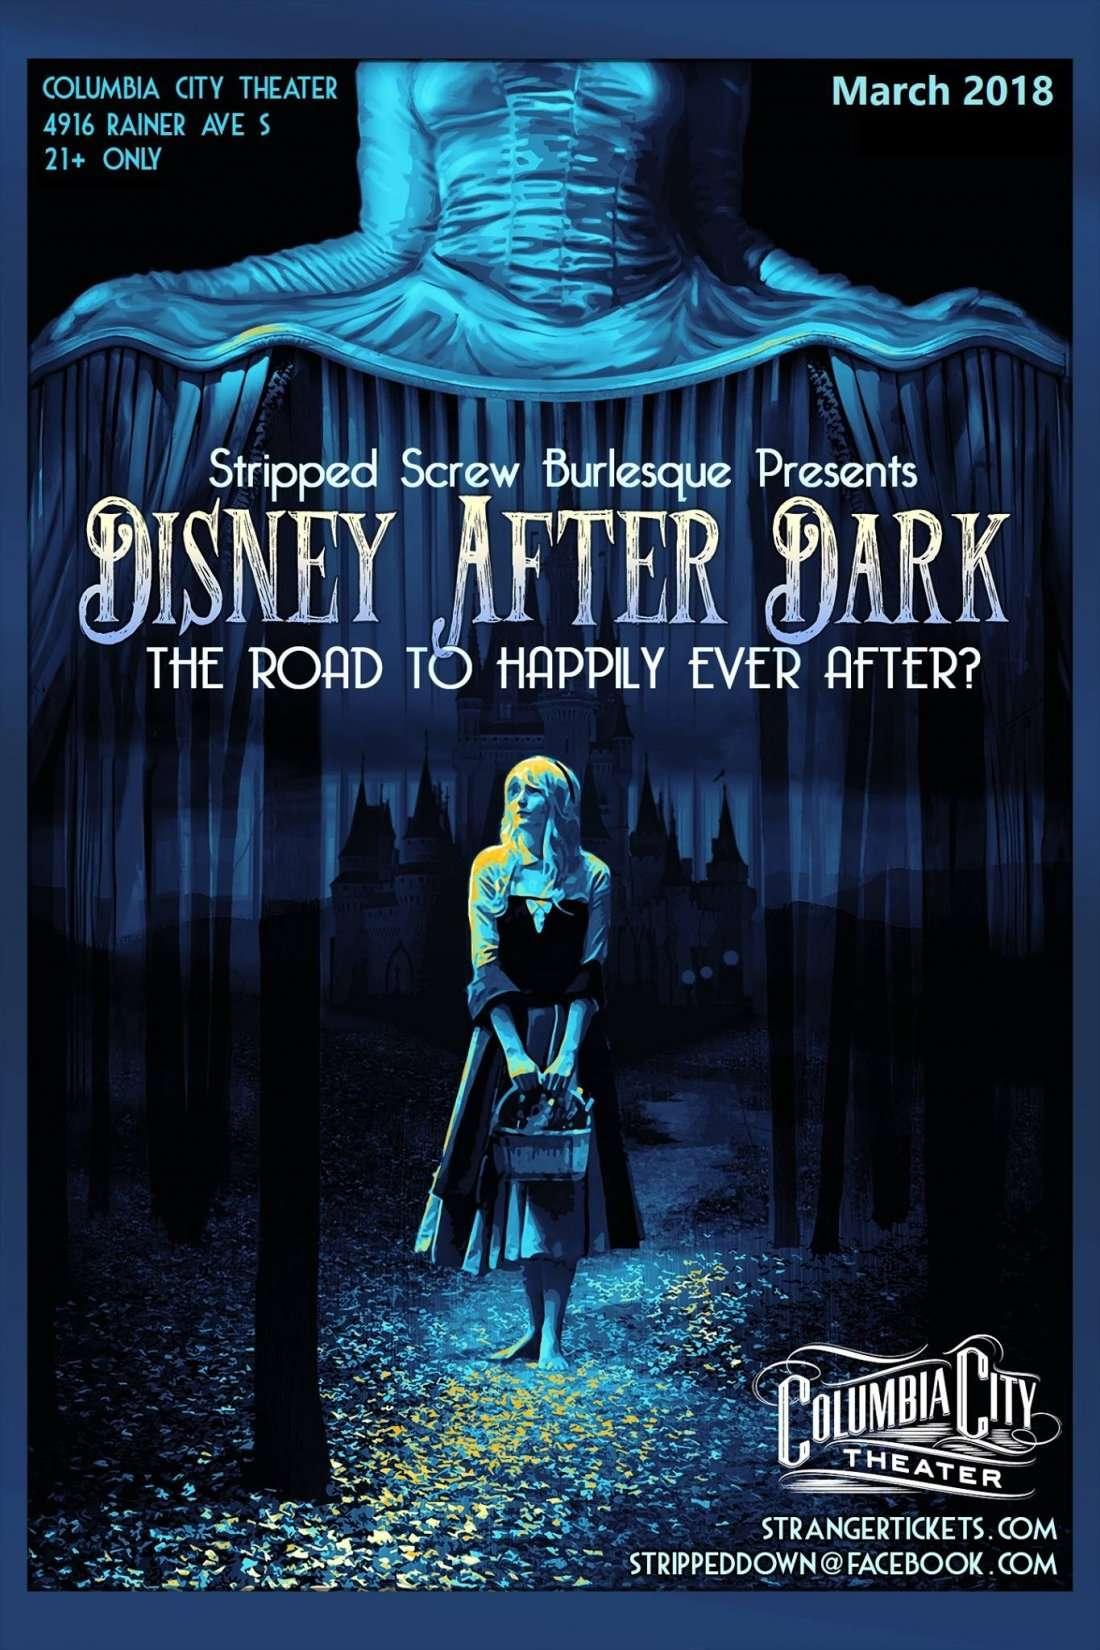 Stripped Screw presents Disney After Dark & Walts Dungeon